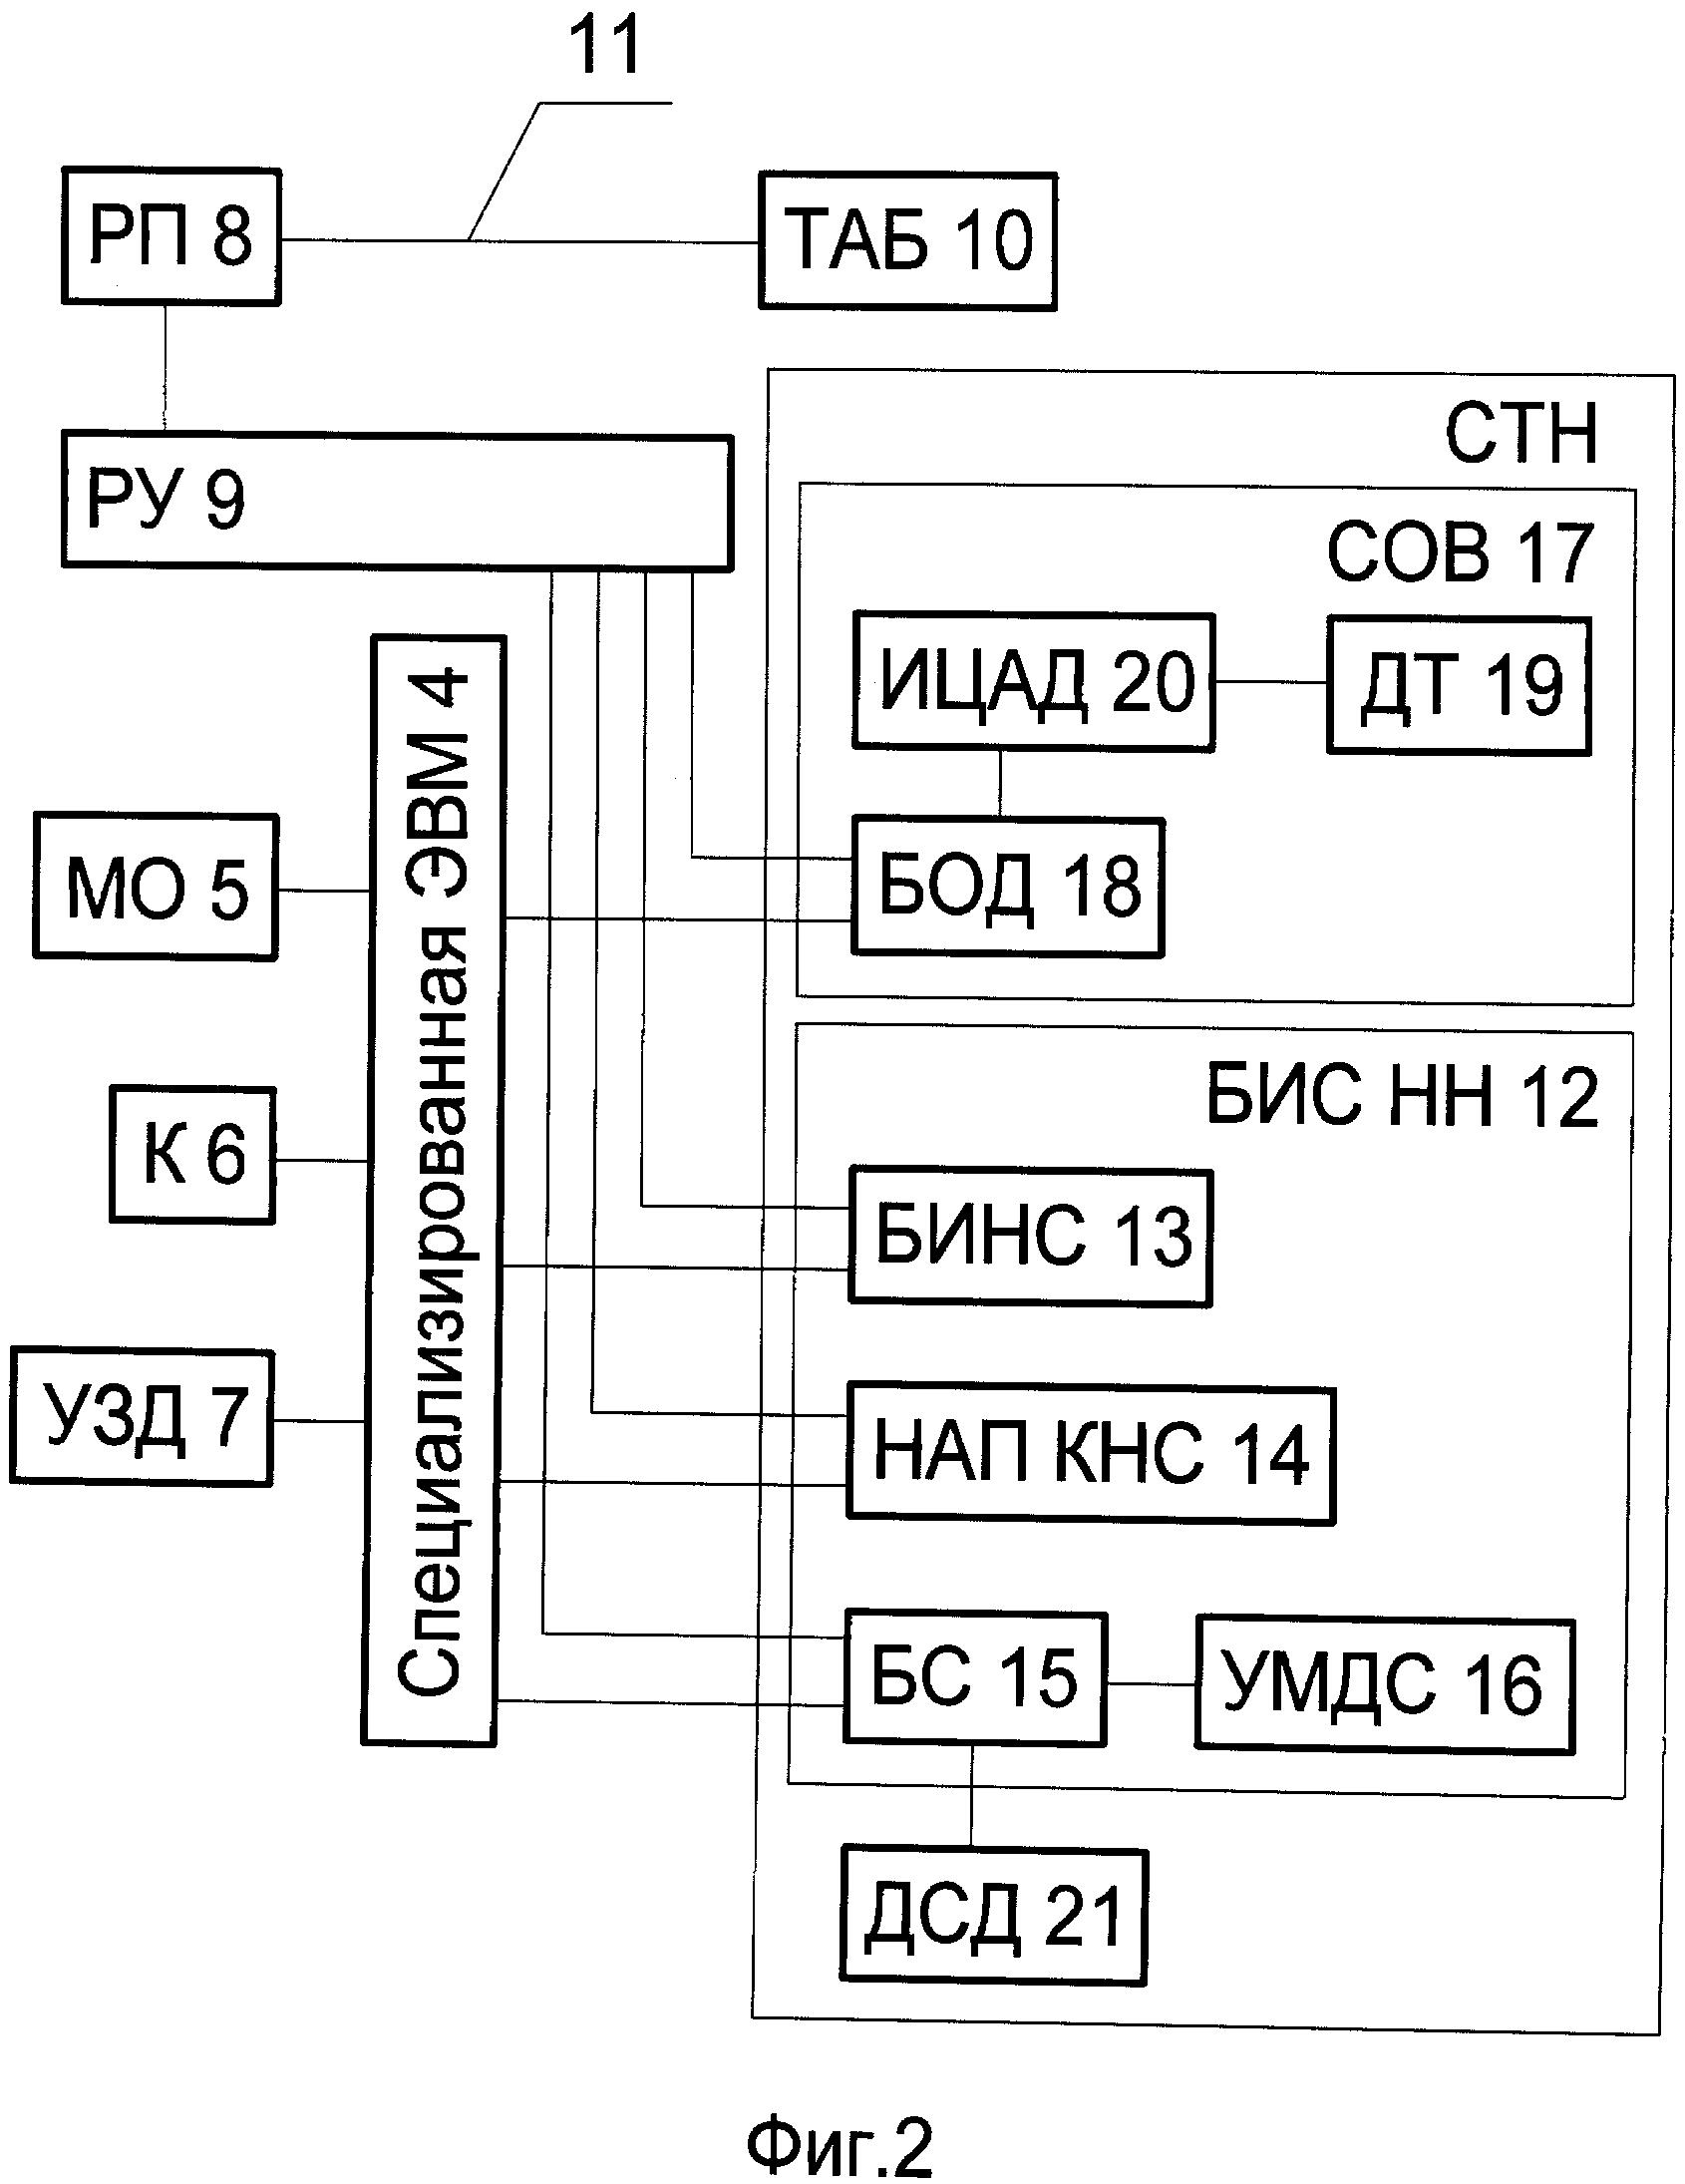 Способ проведения испытаний универсальной системы топопривязки и навигации и комплект средств для проведения испытаний универсальной системы топопривязки и навигации